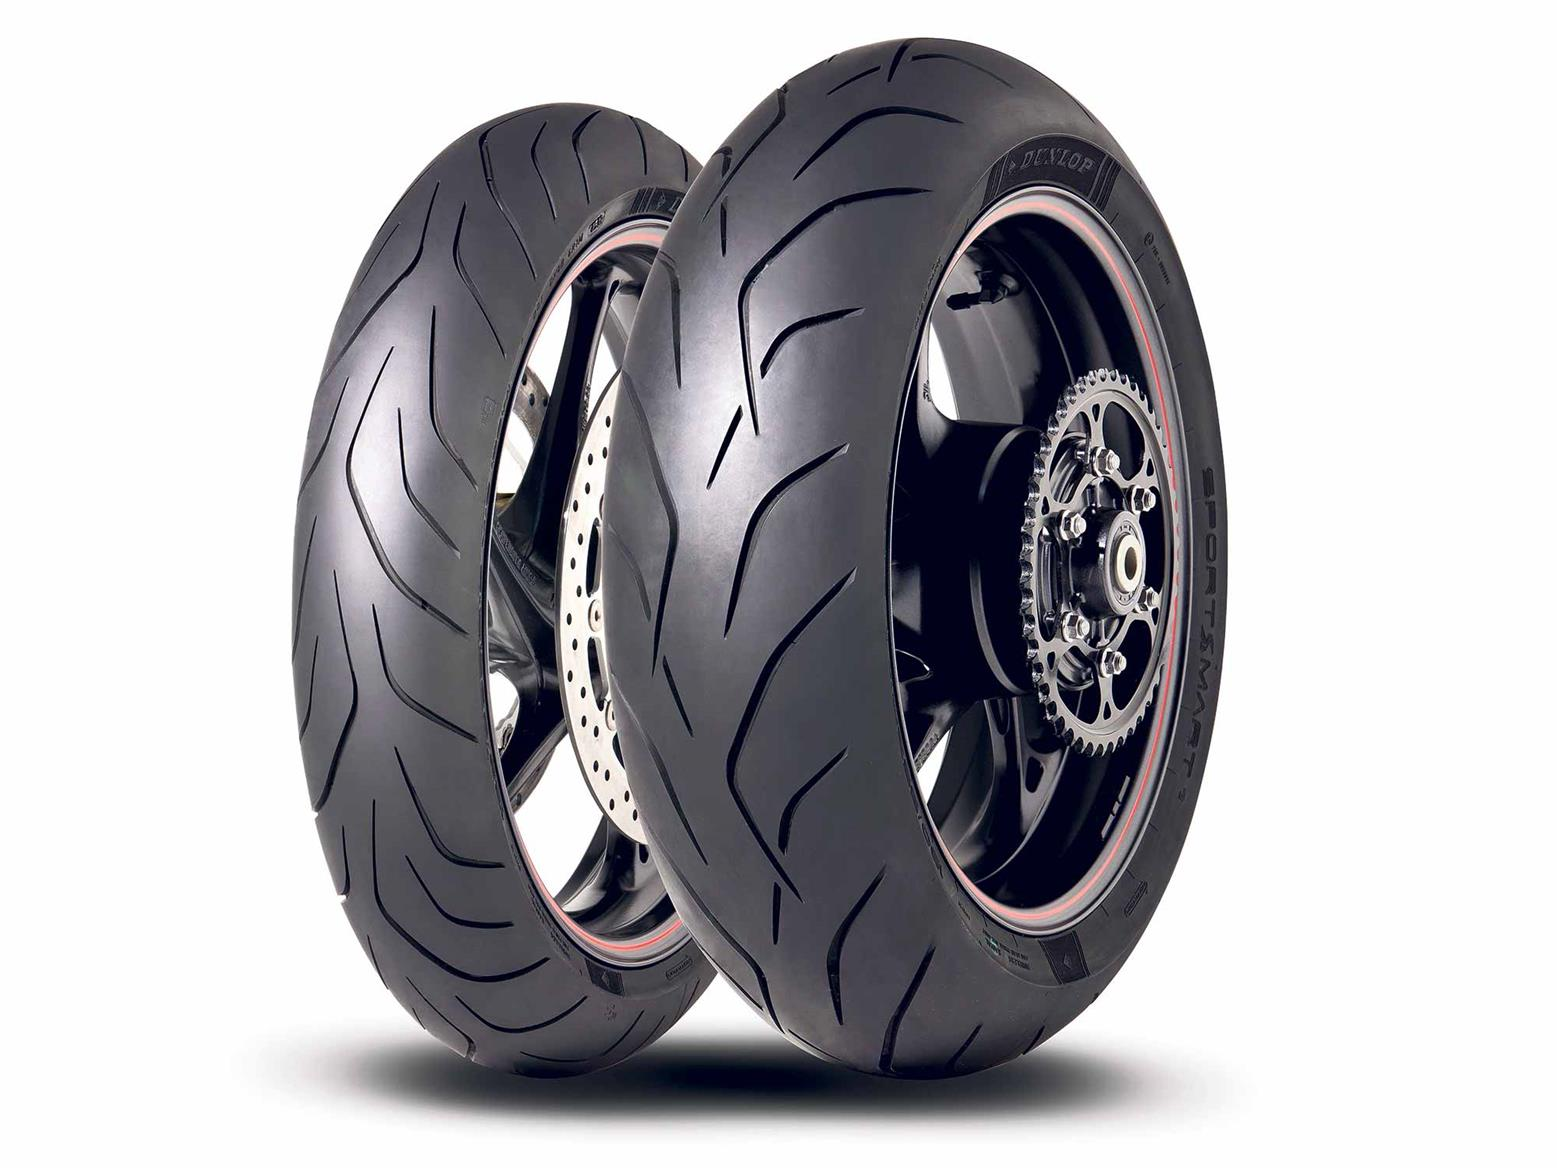 Dunlop SportSmart Mk3 tyres